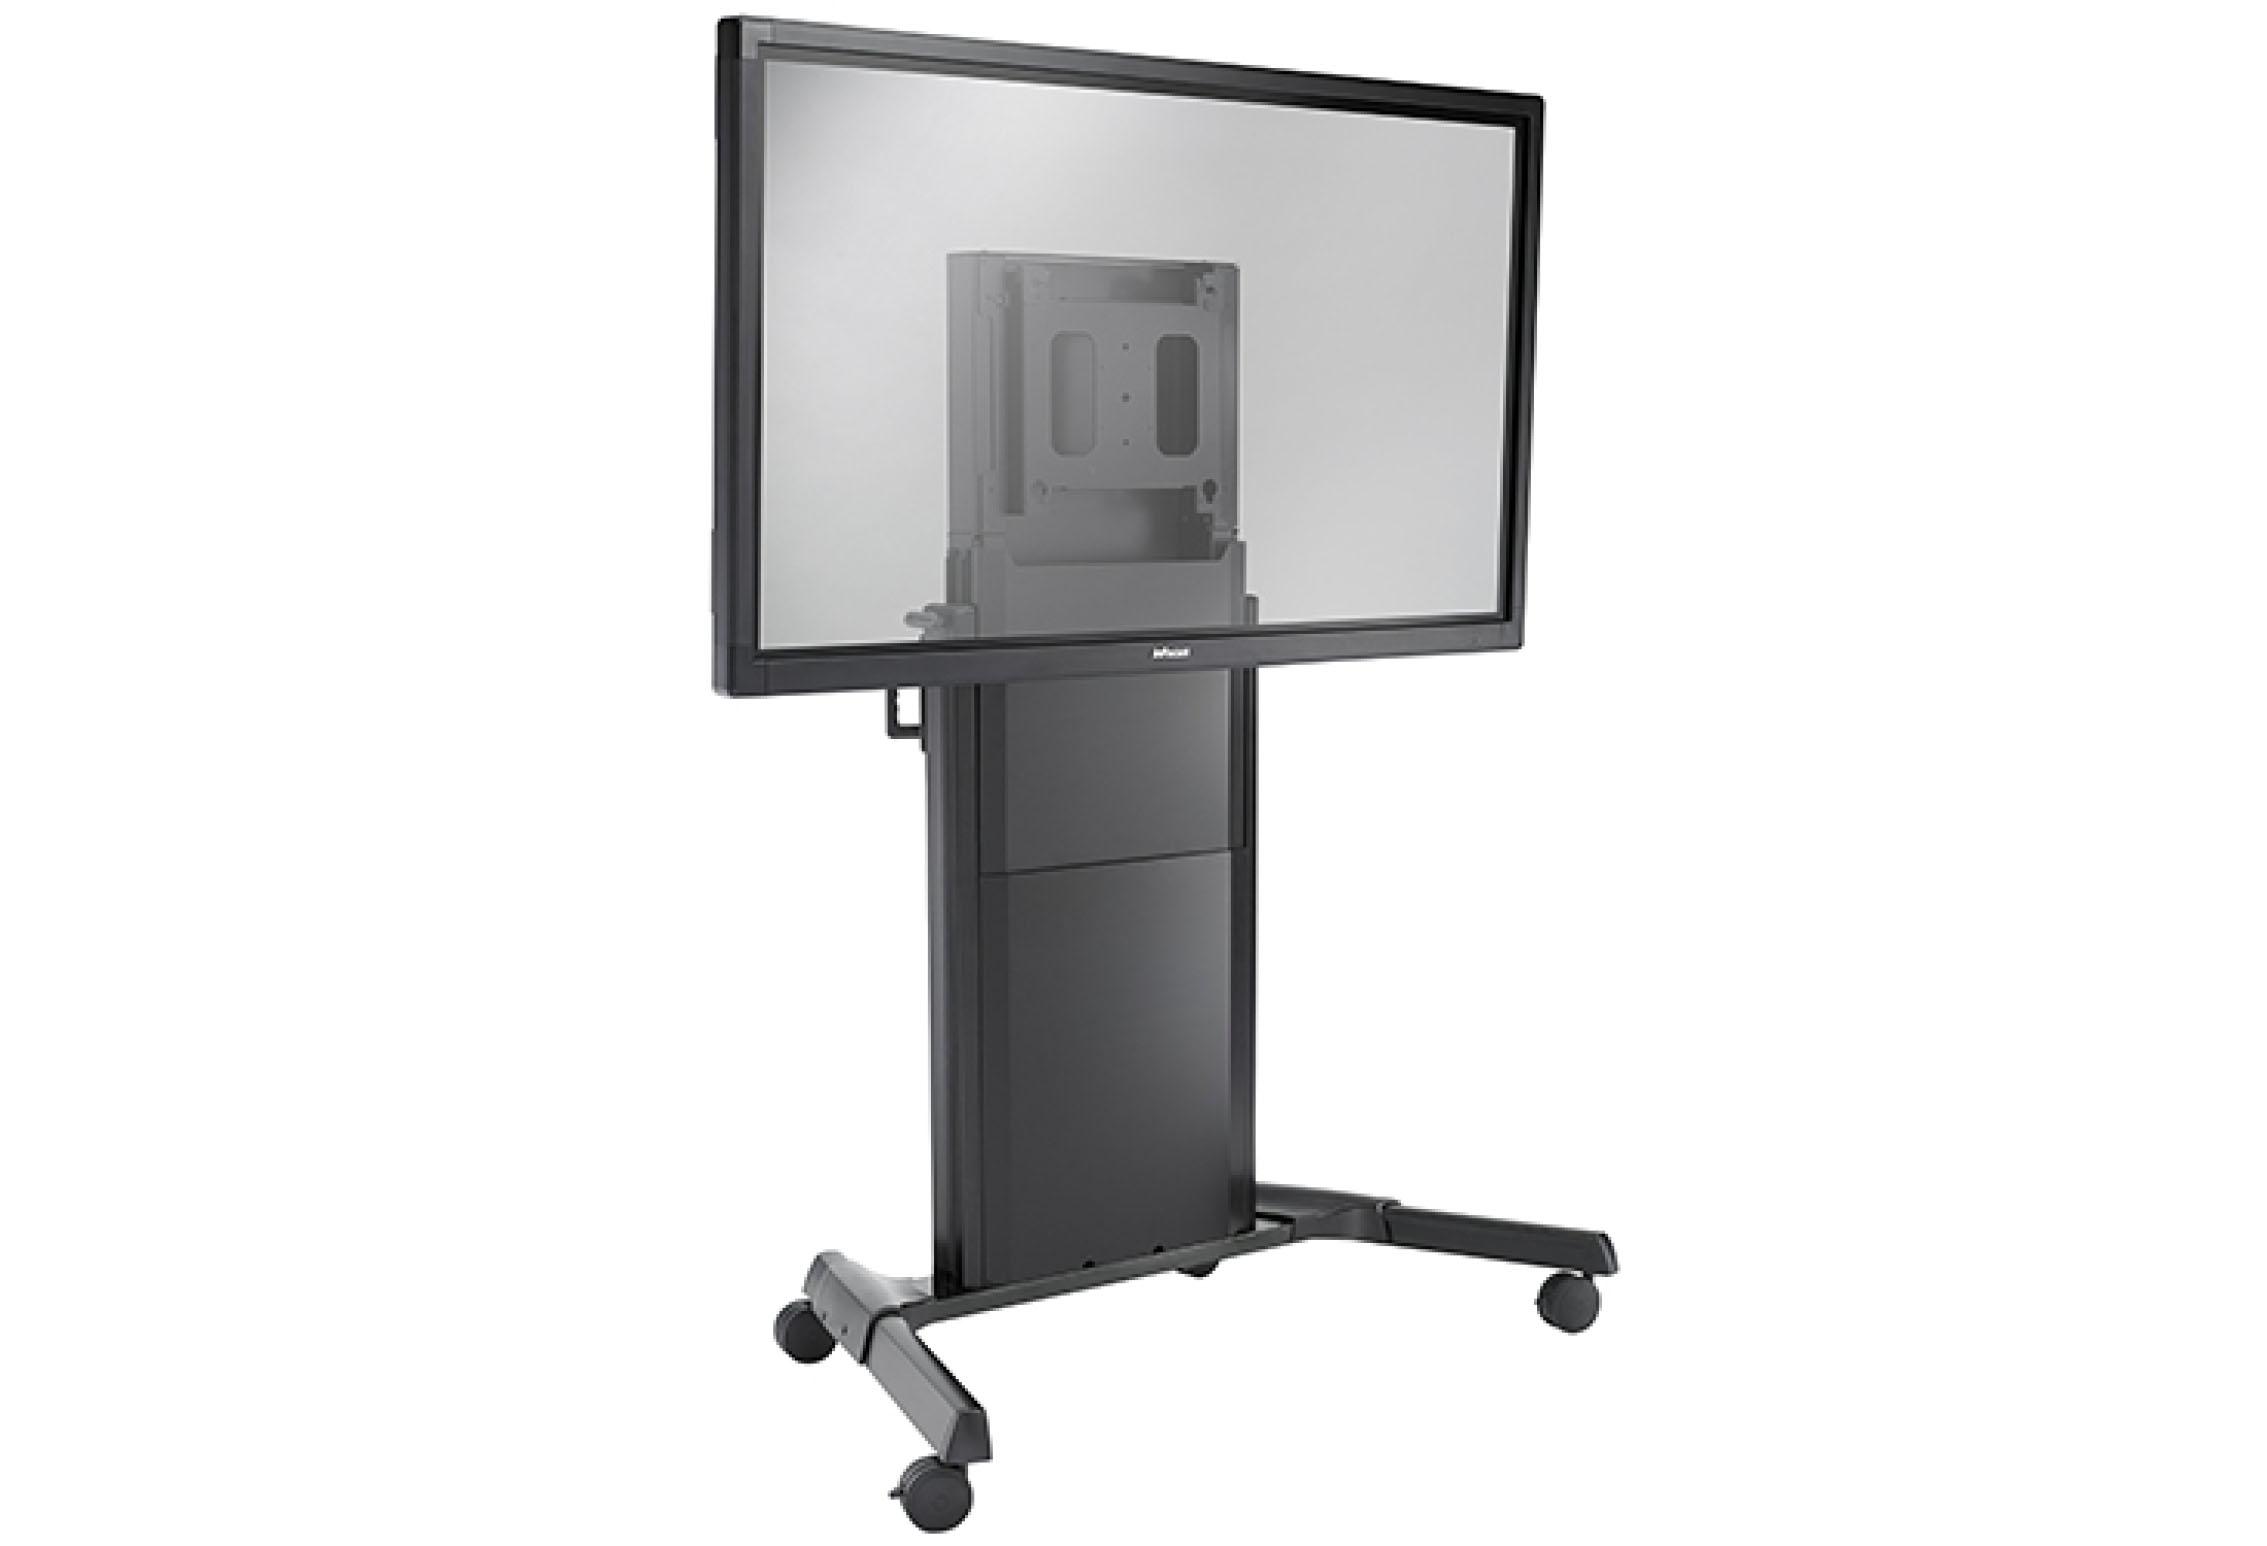 CHIEF Chief MPD1U - Fusion Dynamic Series - Support colonne mobile Medium mode paysage ajustable dynamiquement pour écrans de 30,4 à 59 kg